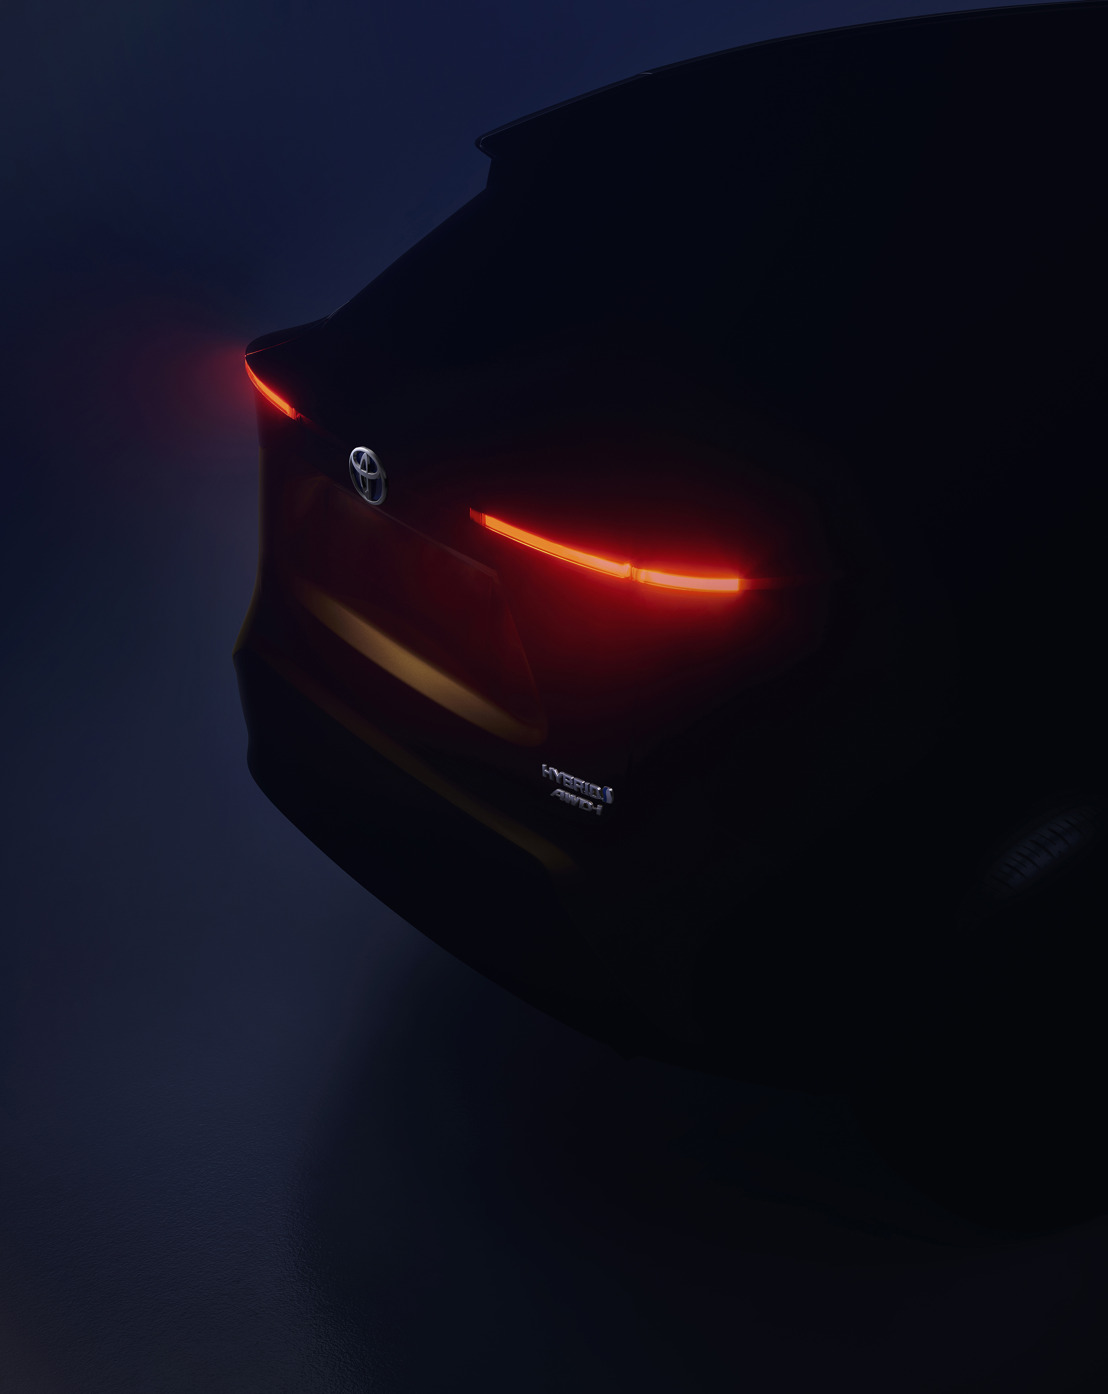 TOYOTA OP HET AUTOSALON VAN GENEVE 2020